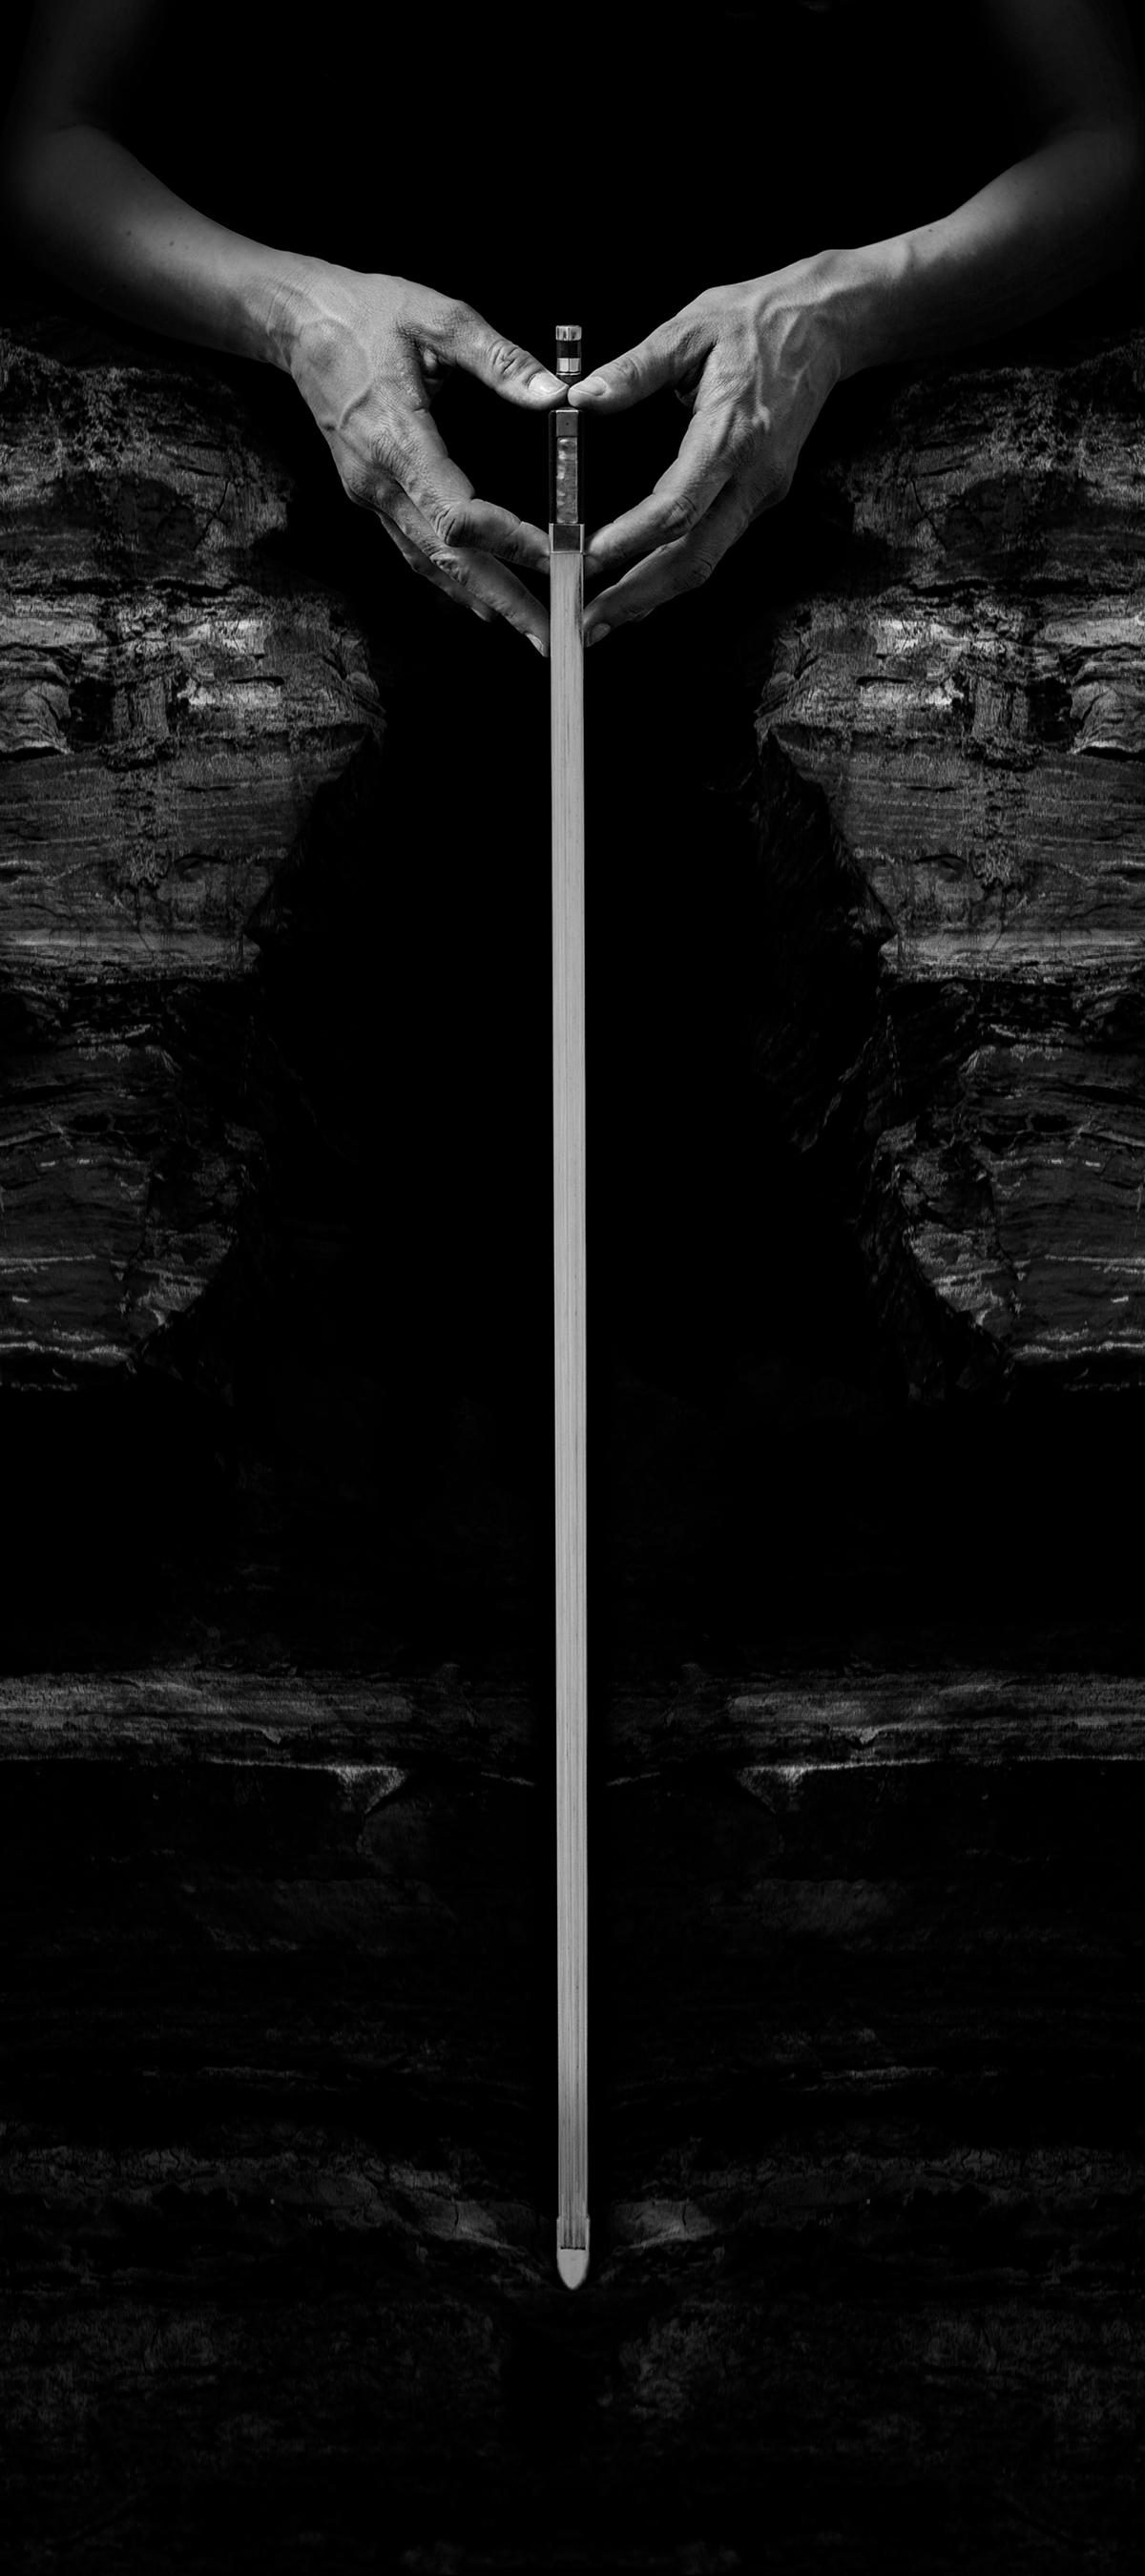 Unframed Caldera Poster by Simon Kallas 16 x 36 inches